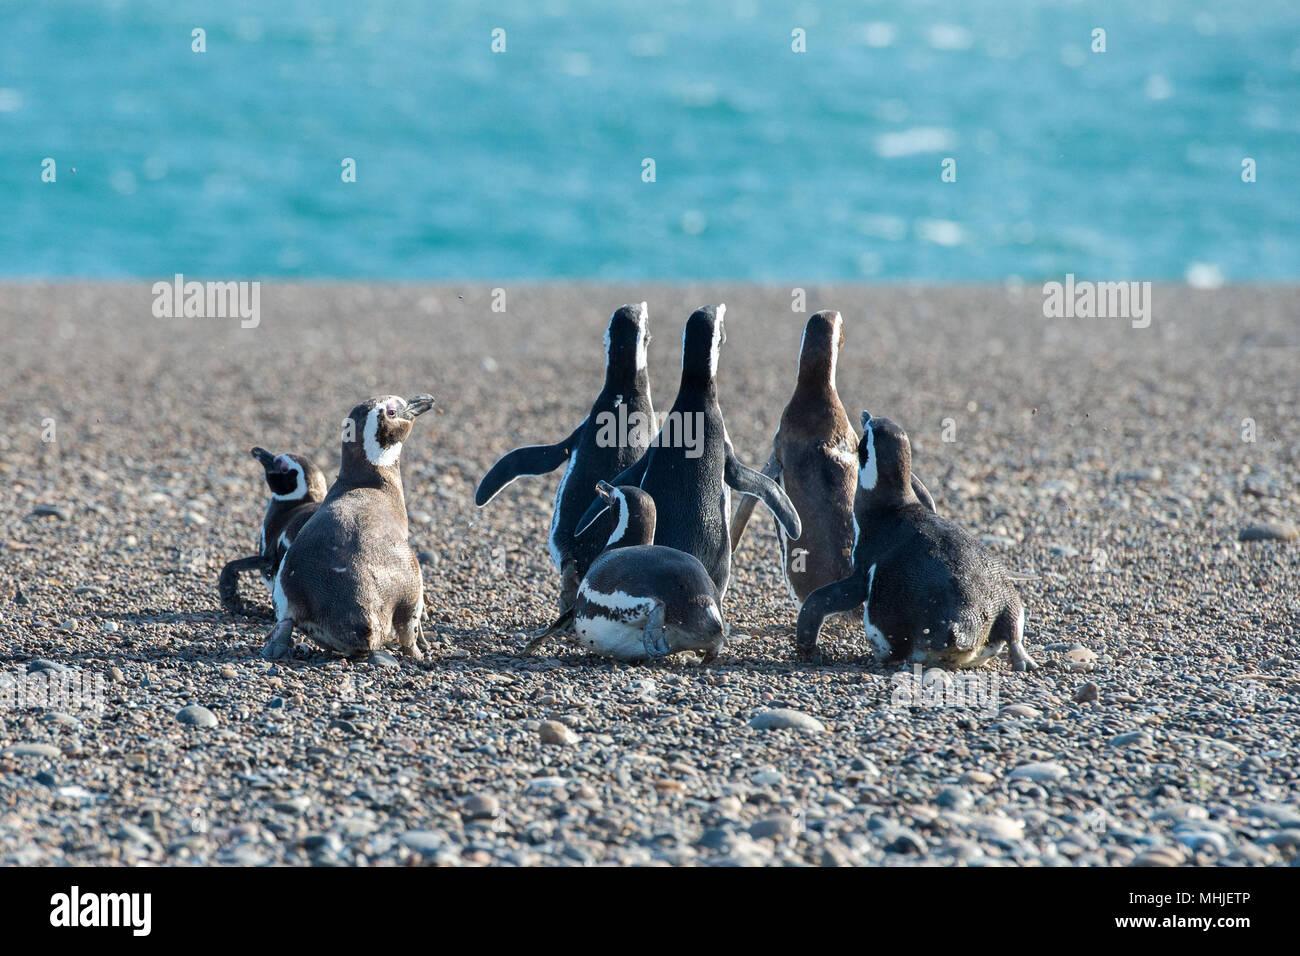 Patagonia penguin group mentre passeggiate sulla spiaggia Foto Stock